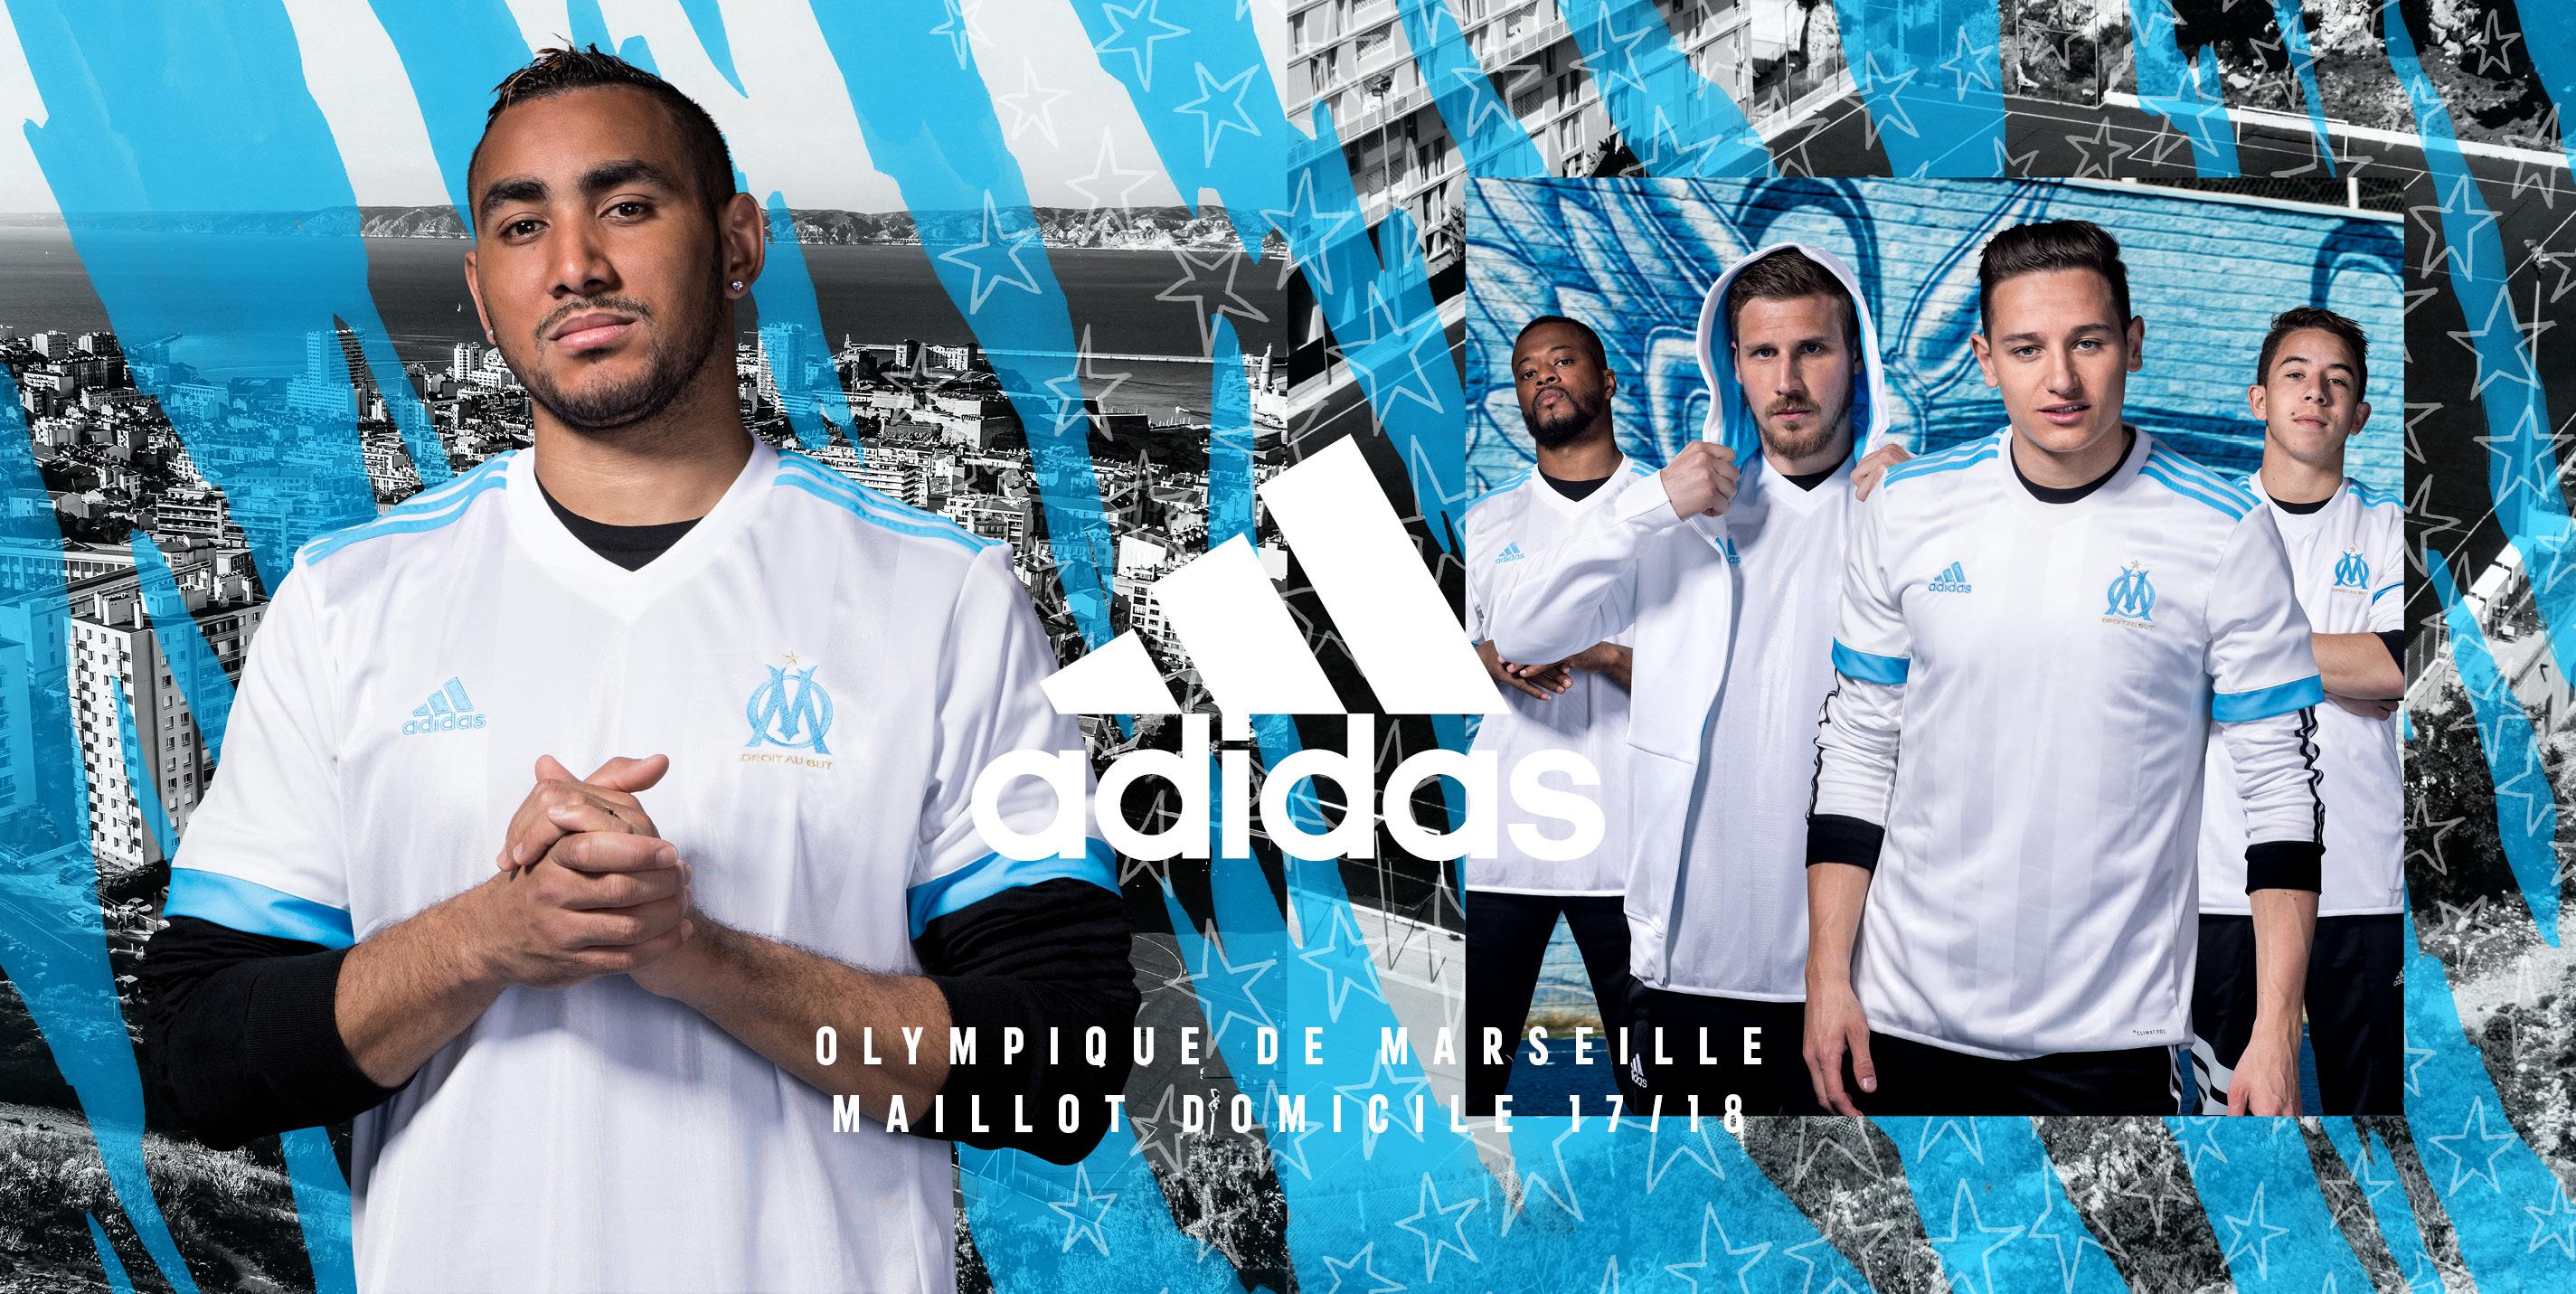 Maillot Domicile Olympique de Marseille de foot